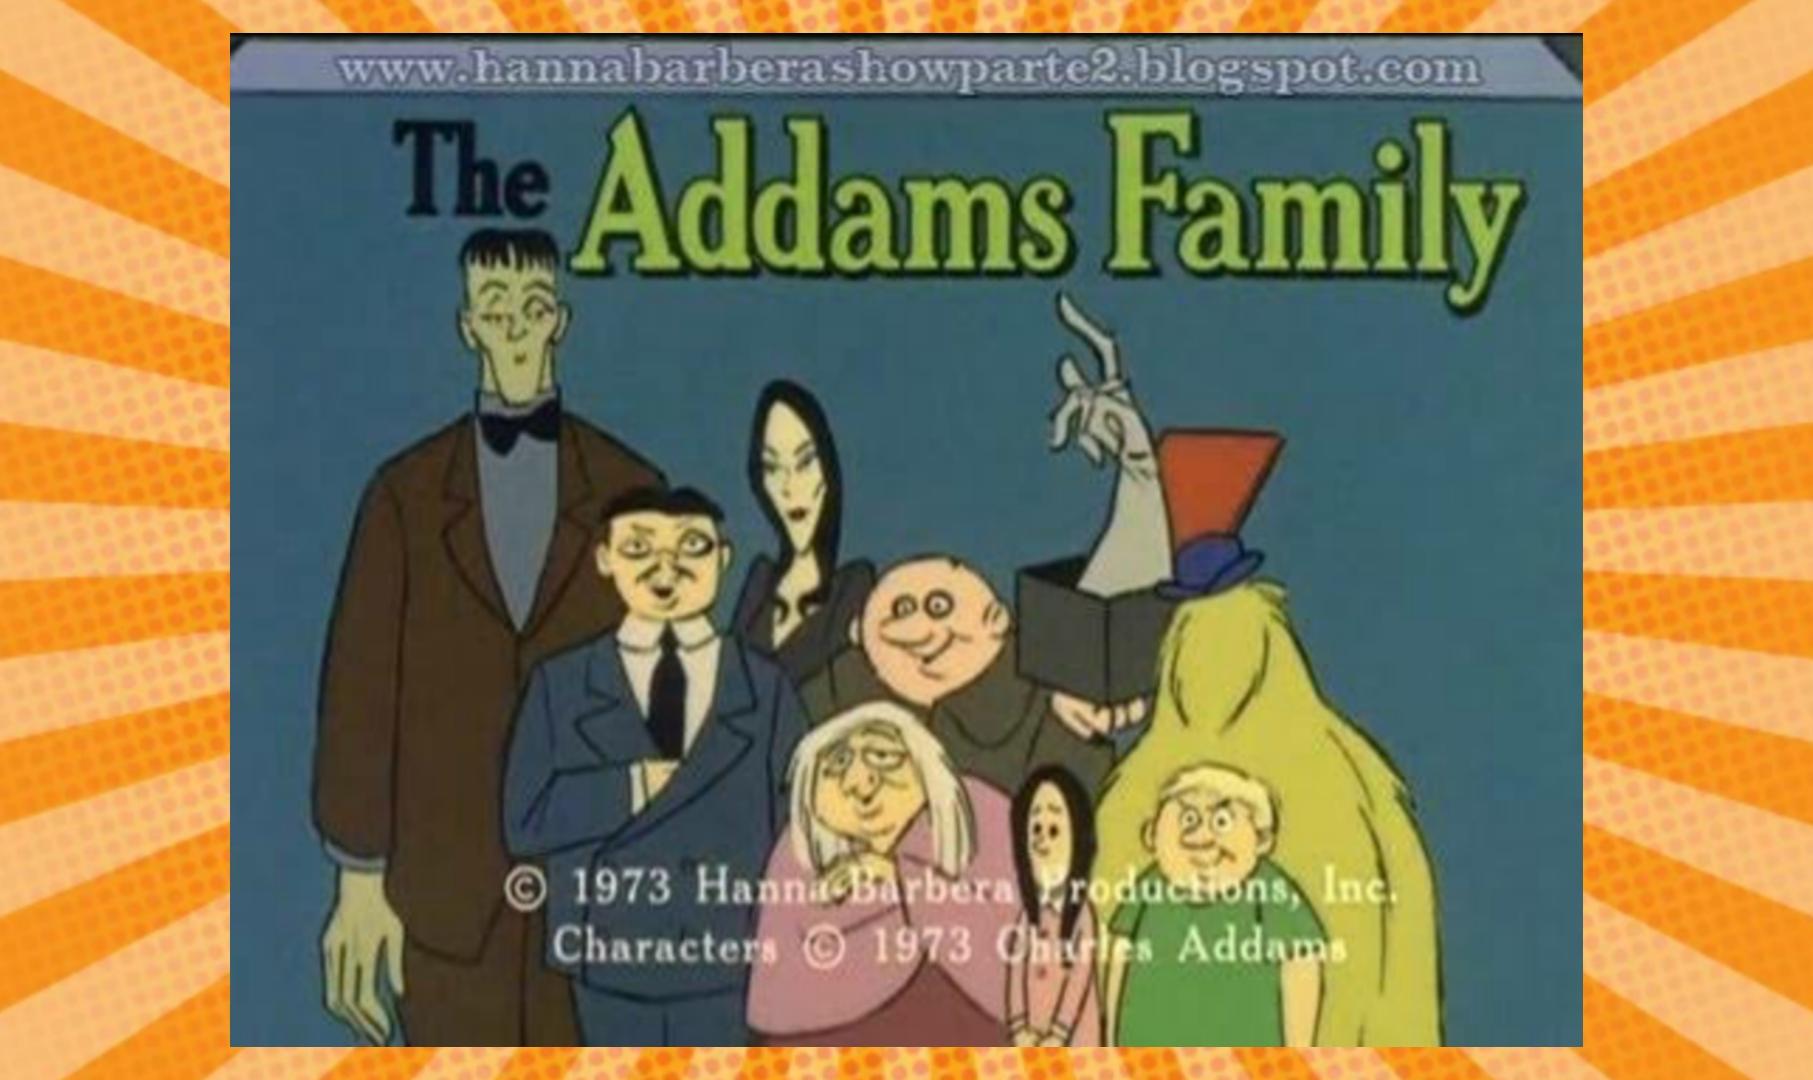 A imagem tem um fundo alaranjado, e ao centro uma fotografia em desenho animado de toda a família Addams